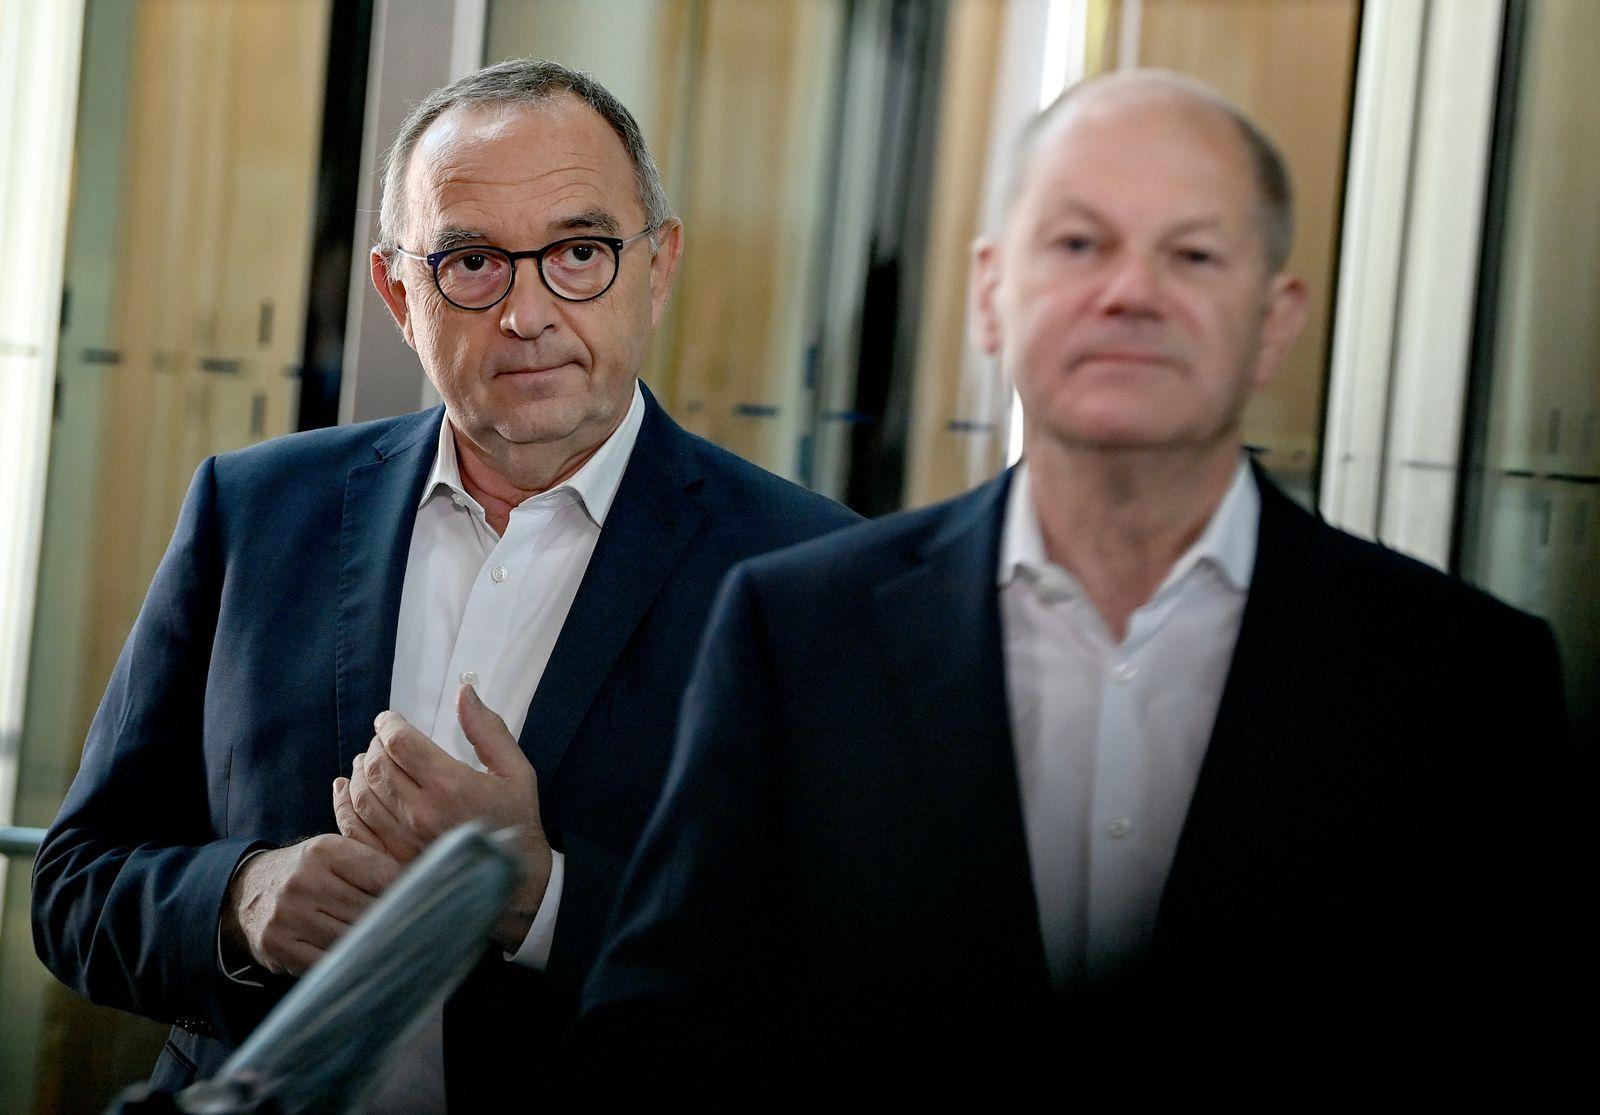 Gremiensitzungen der Bundestagsparteien - SPD